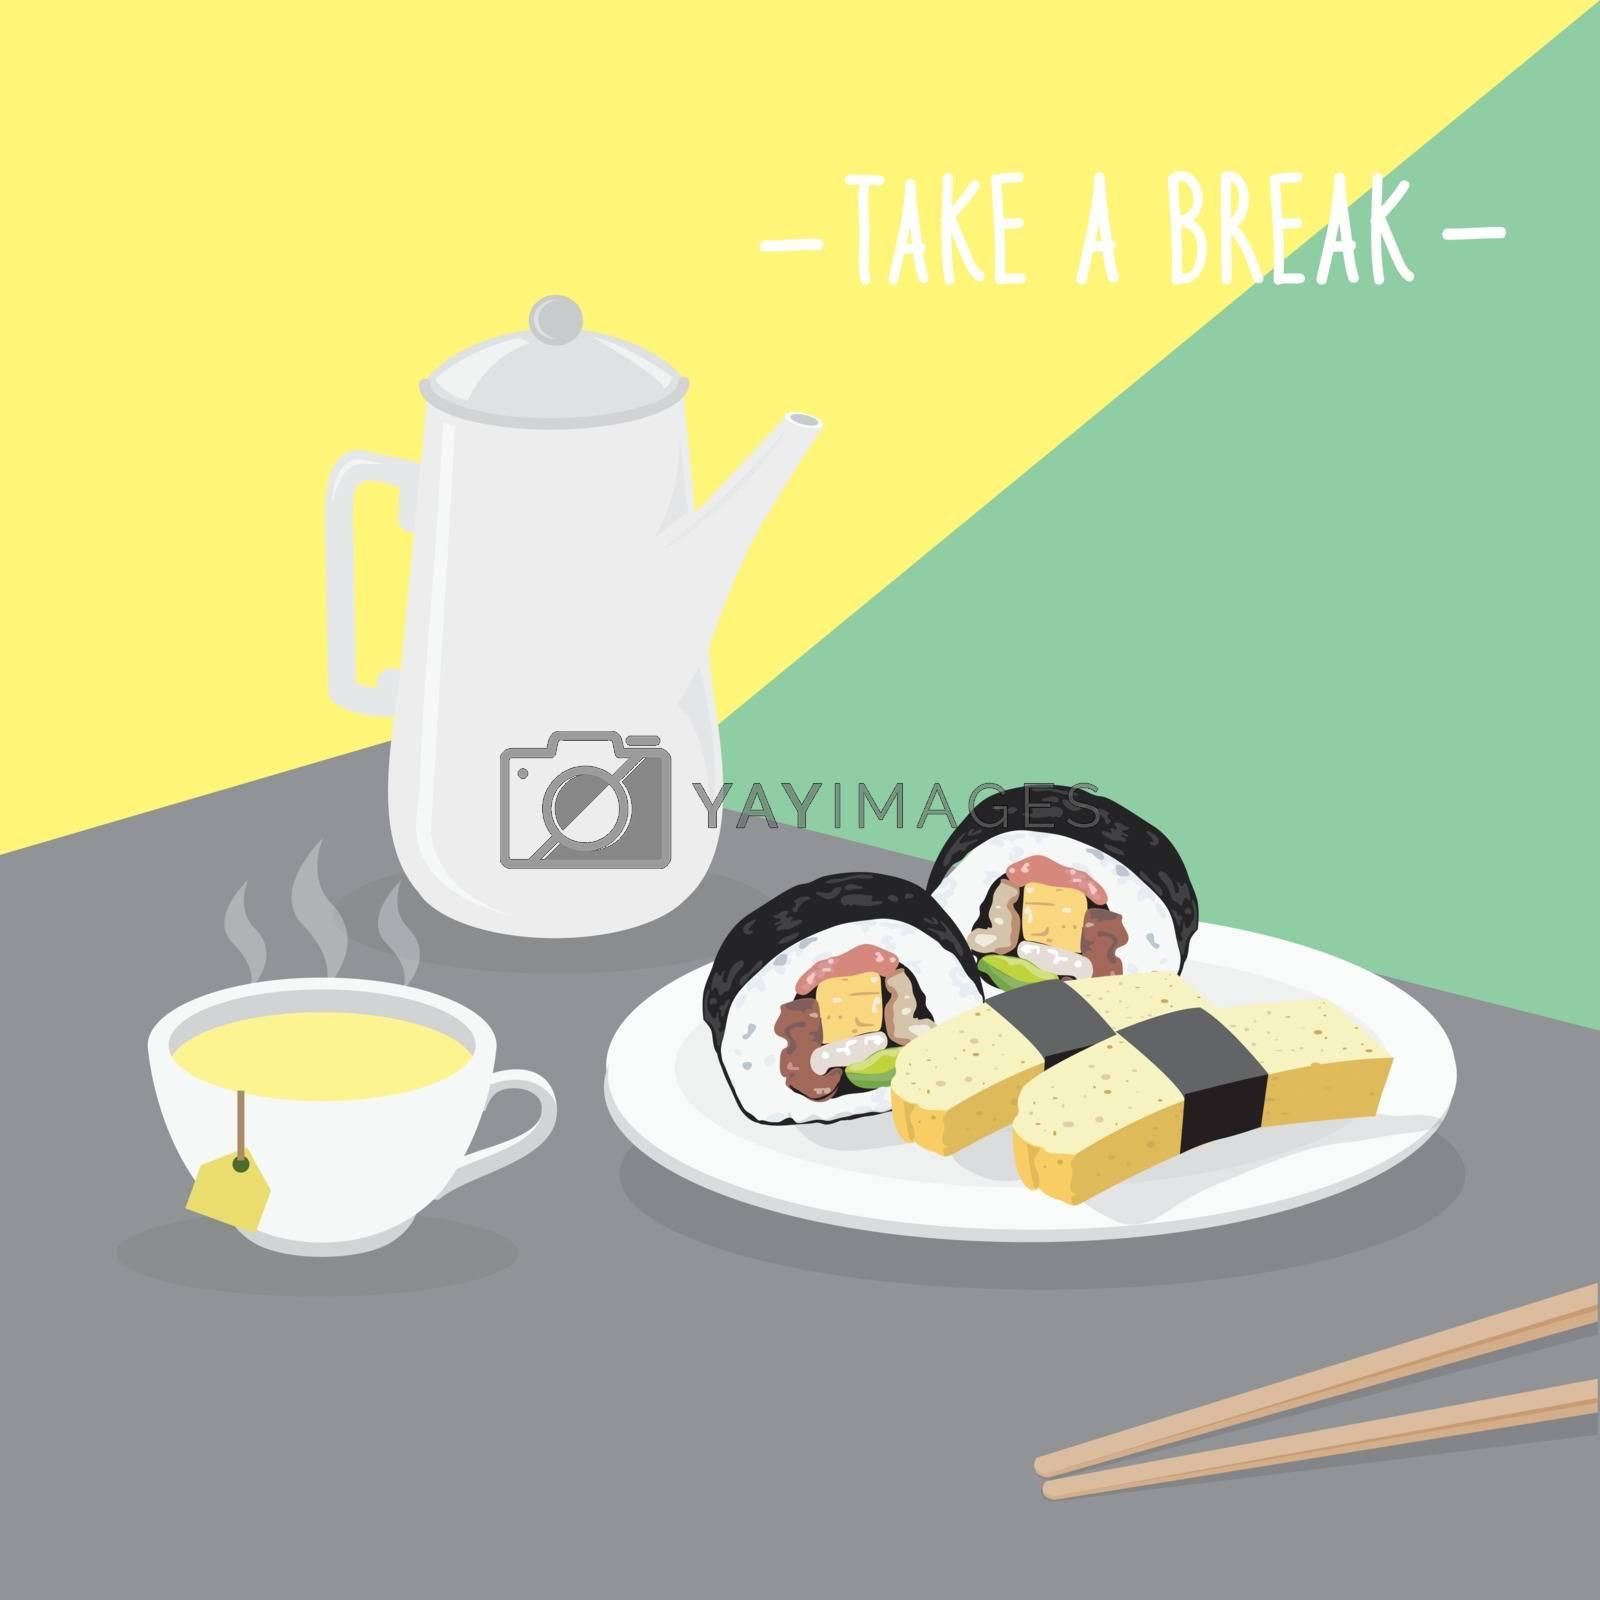 Food Meal Take A Break Dairy Eat Drink Menu Restaurant Vector